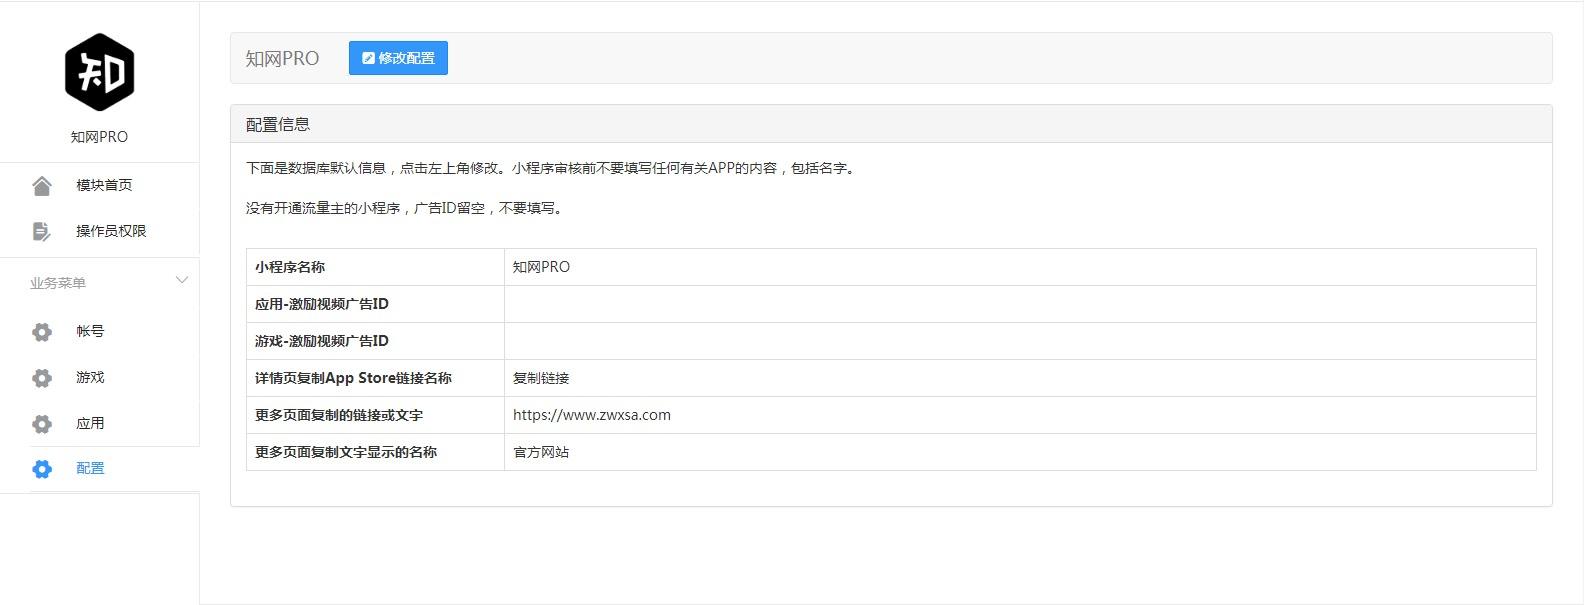 【功能模块】知网PRO微信小程序V1.0前后端发布